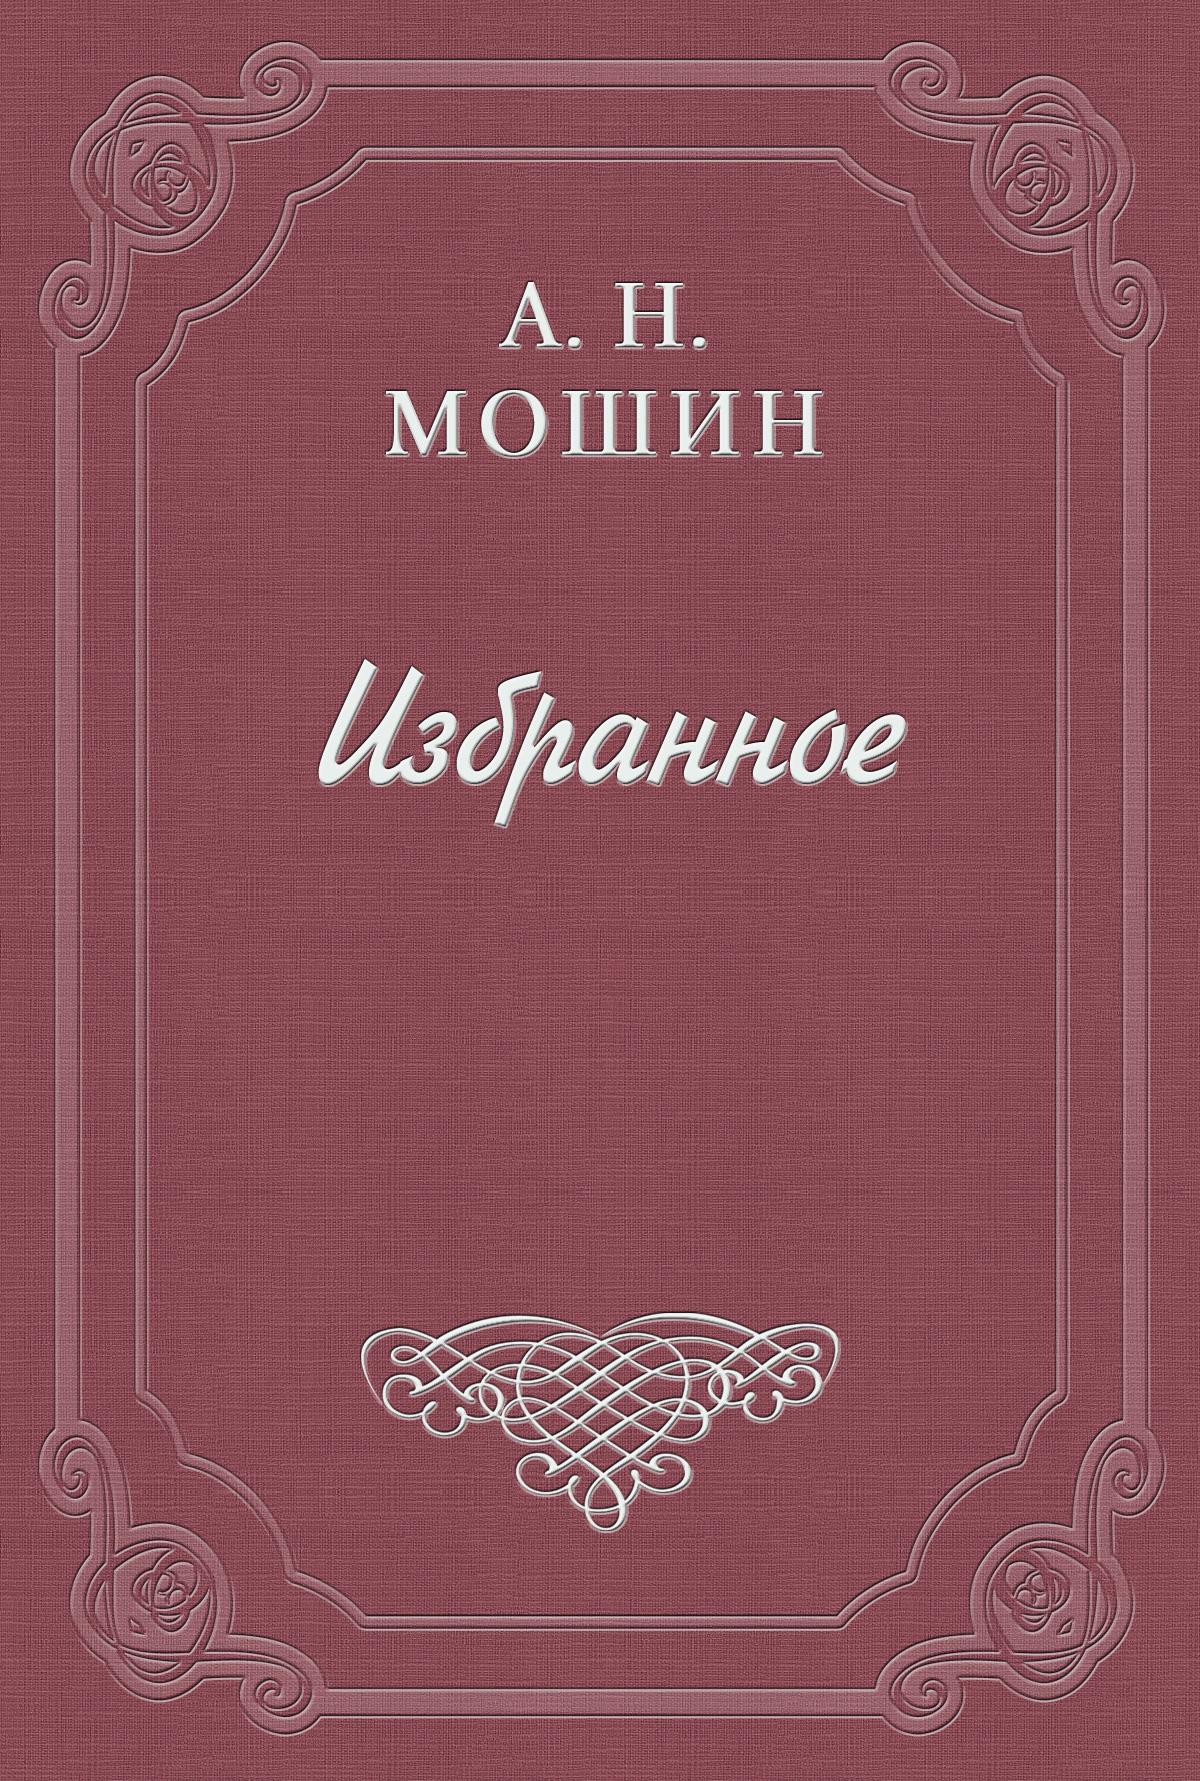 Алексей Мошин Воспоминания кн. Голицына